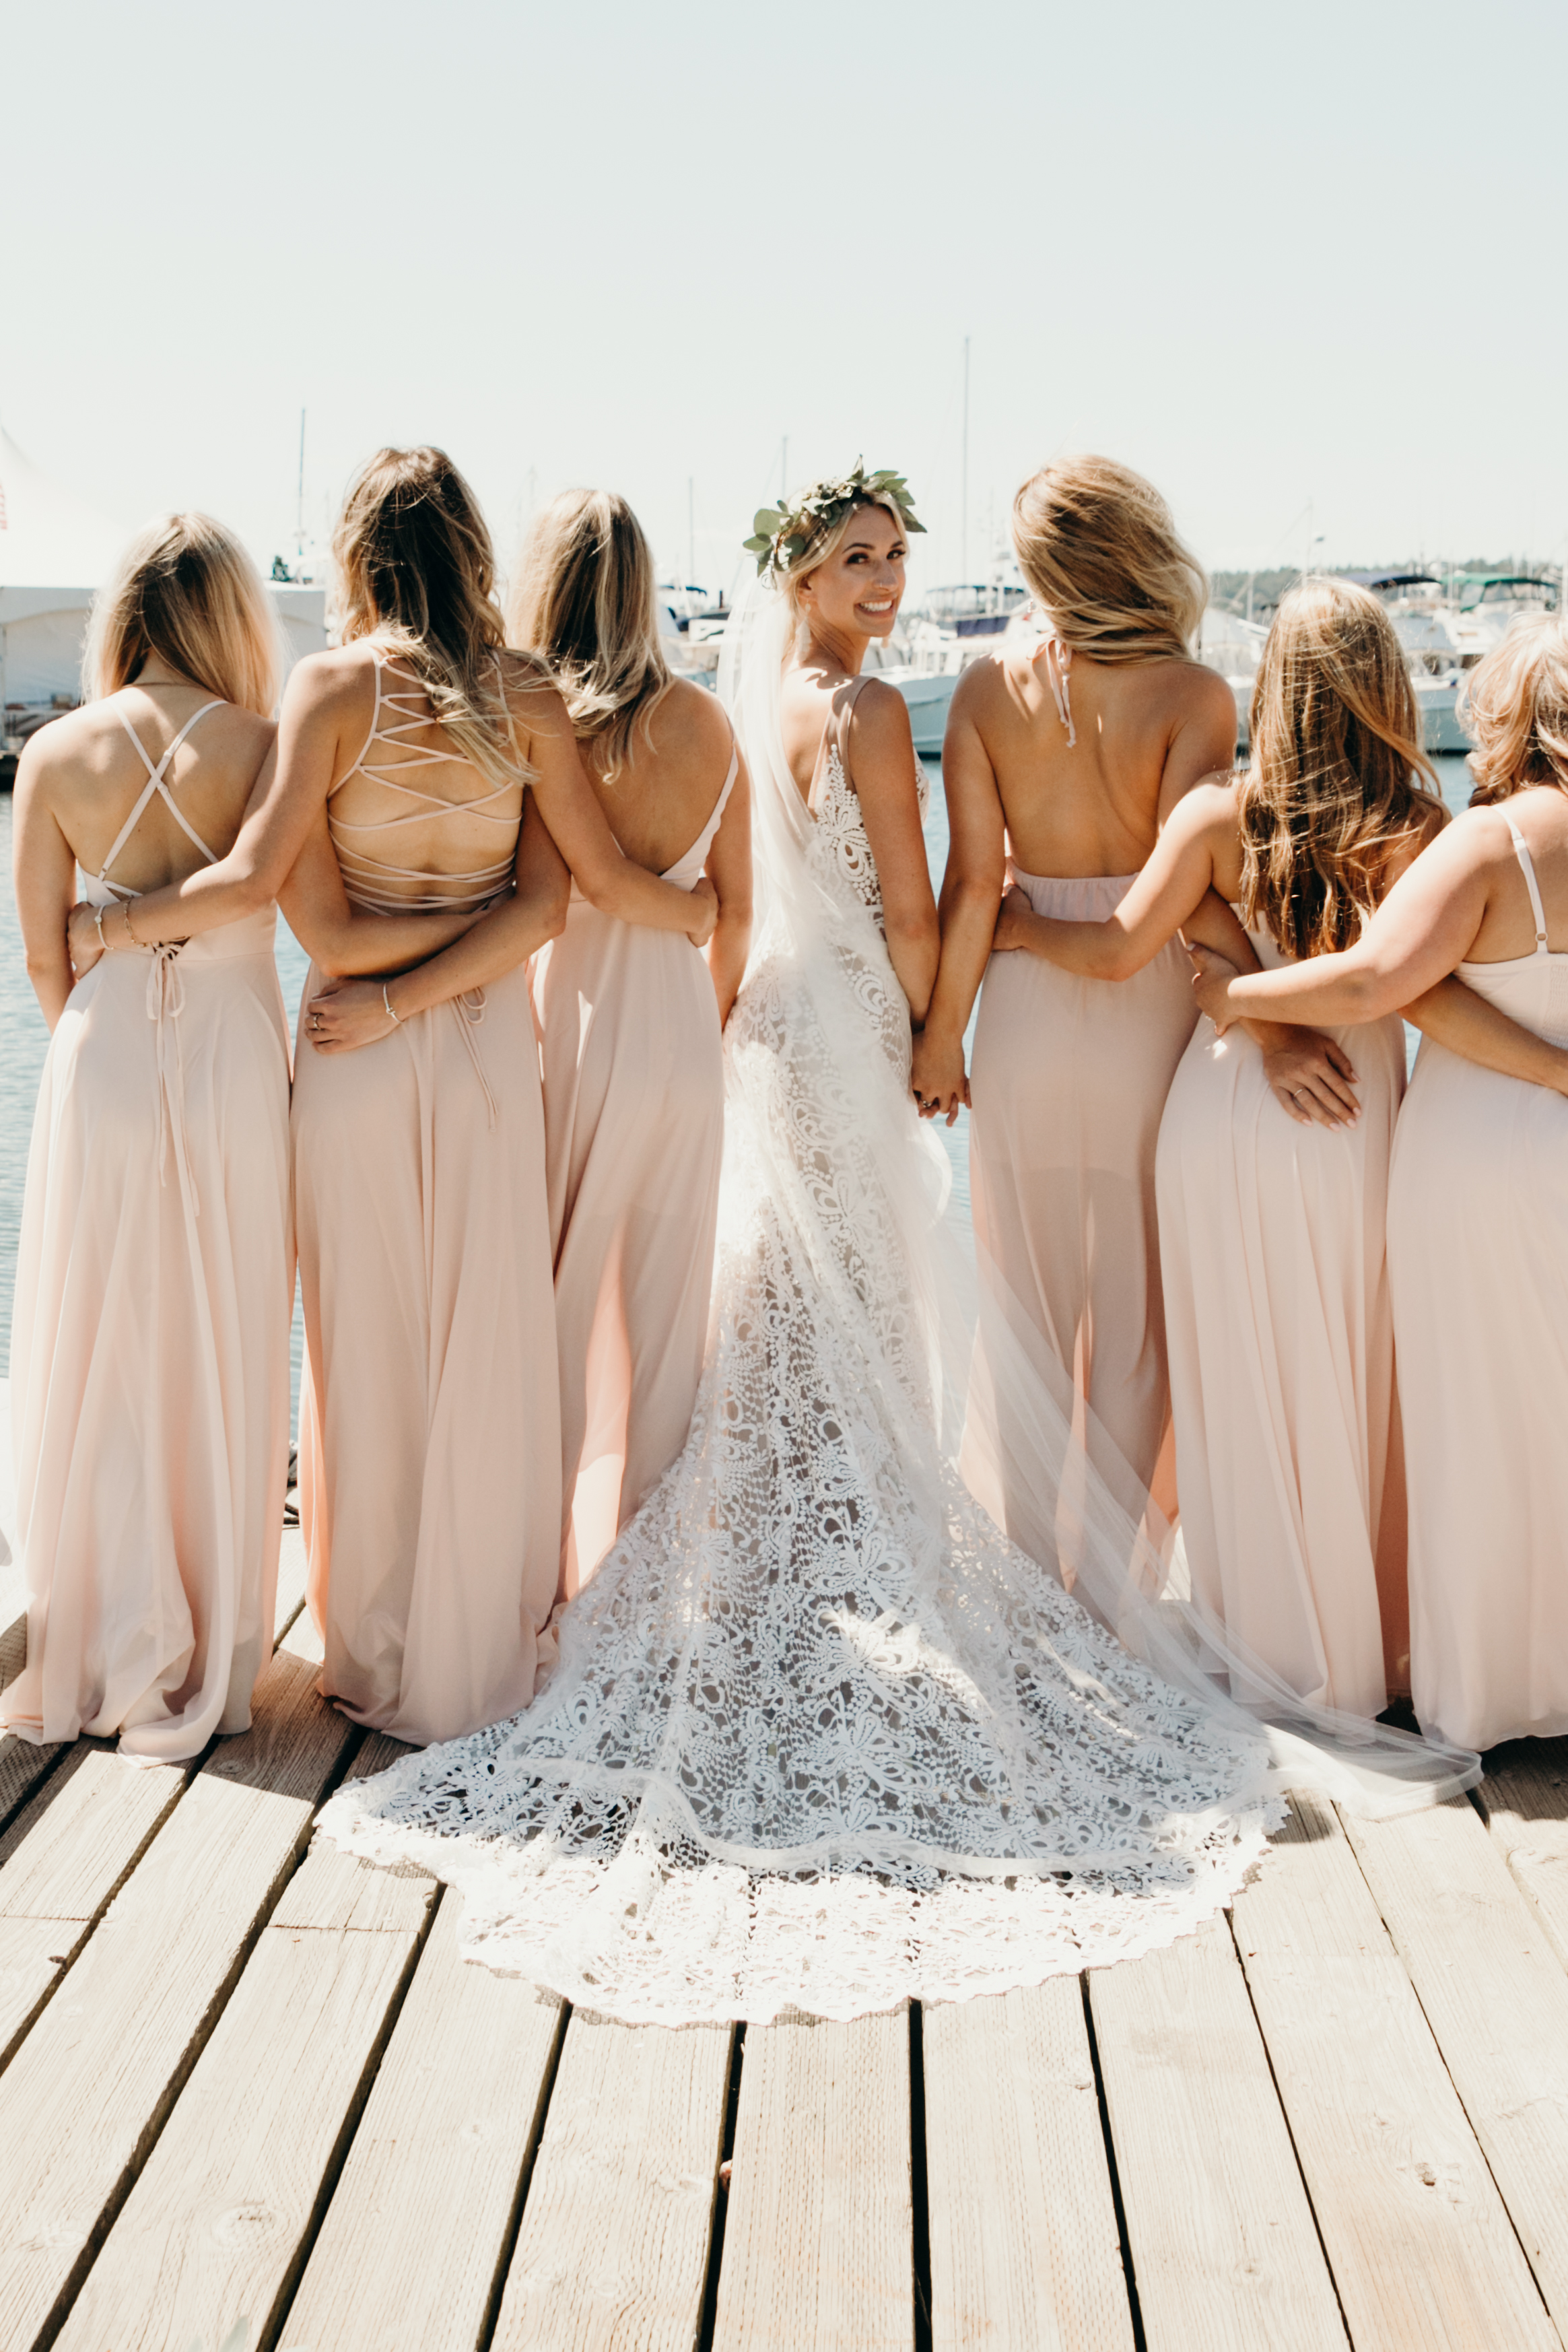 brides+-73 copy.jpg